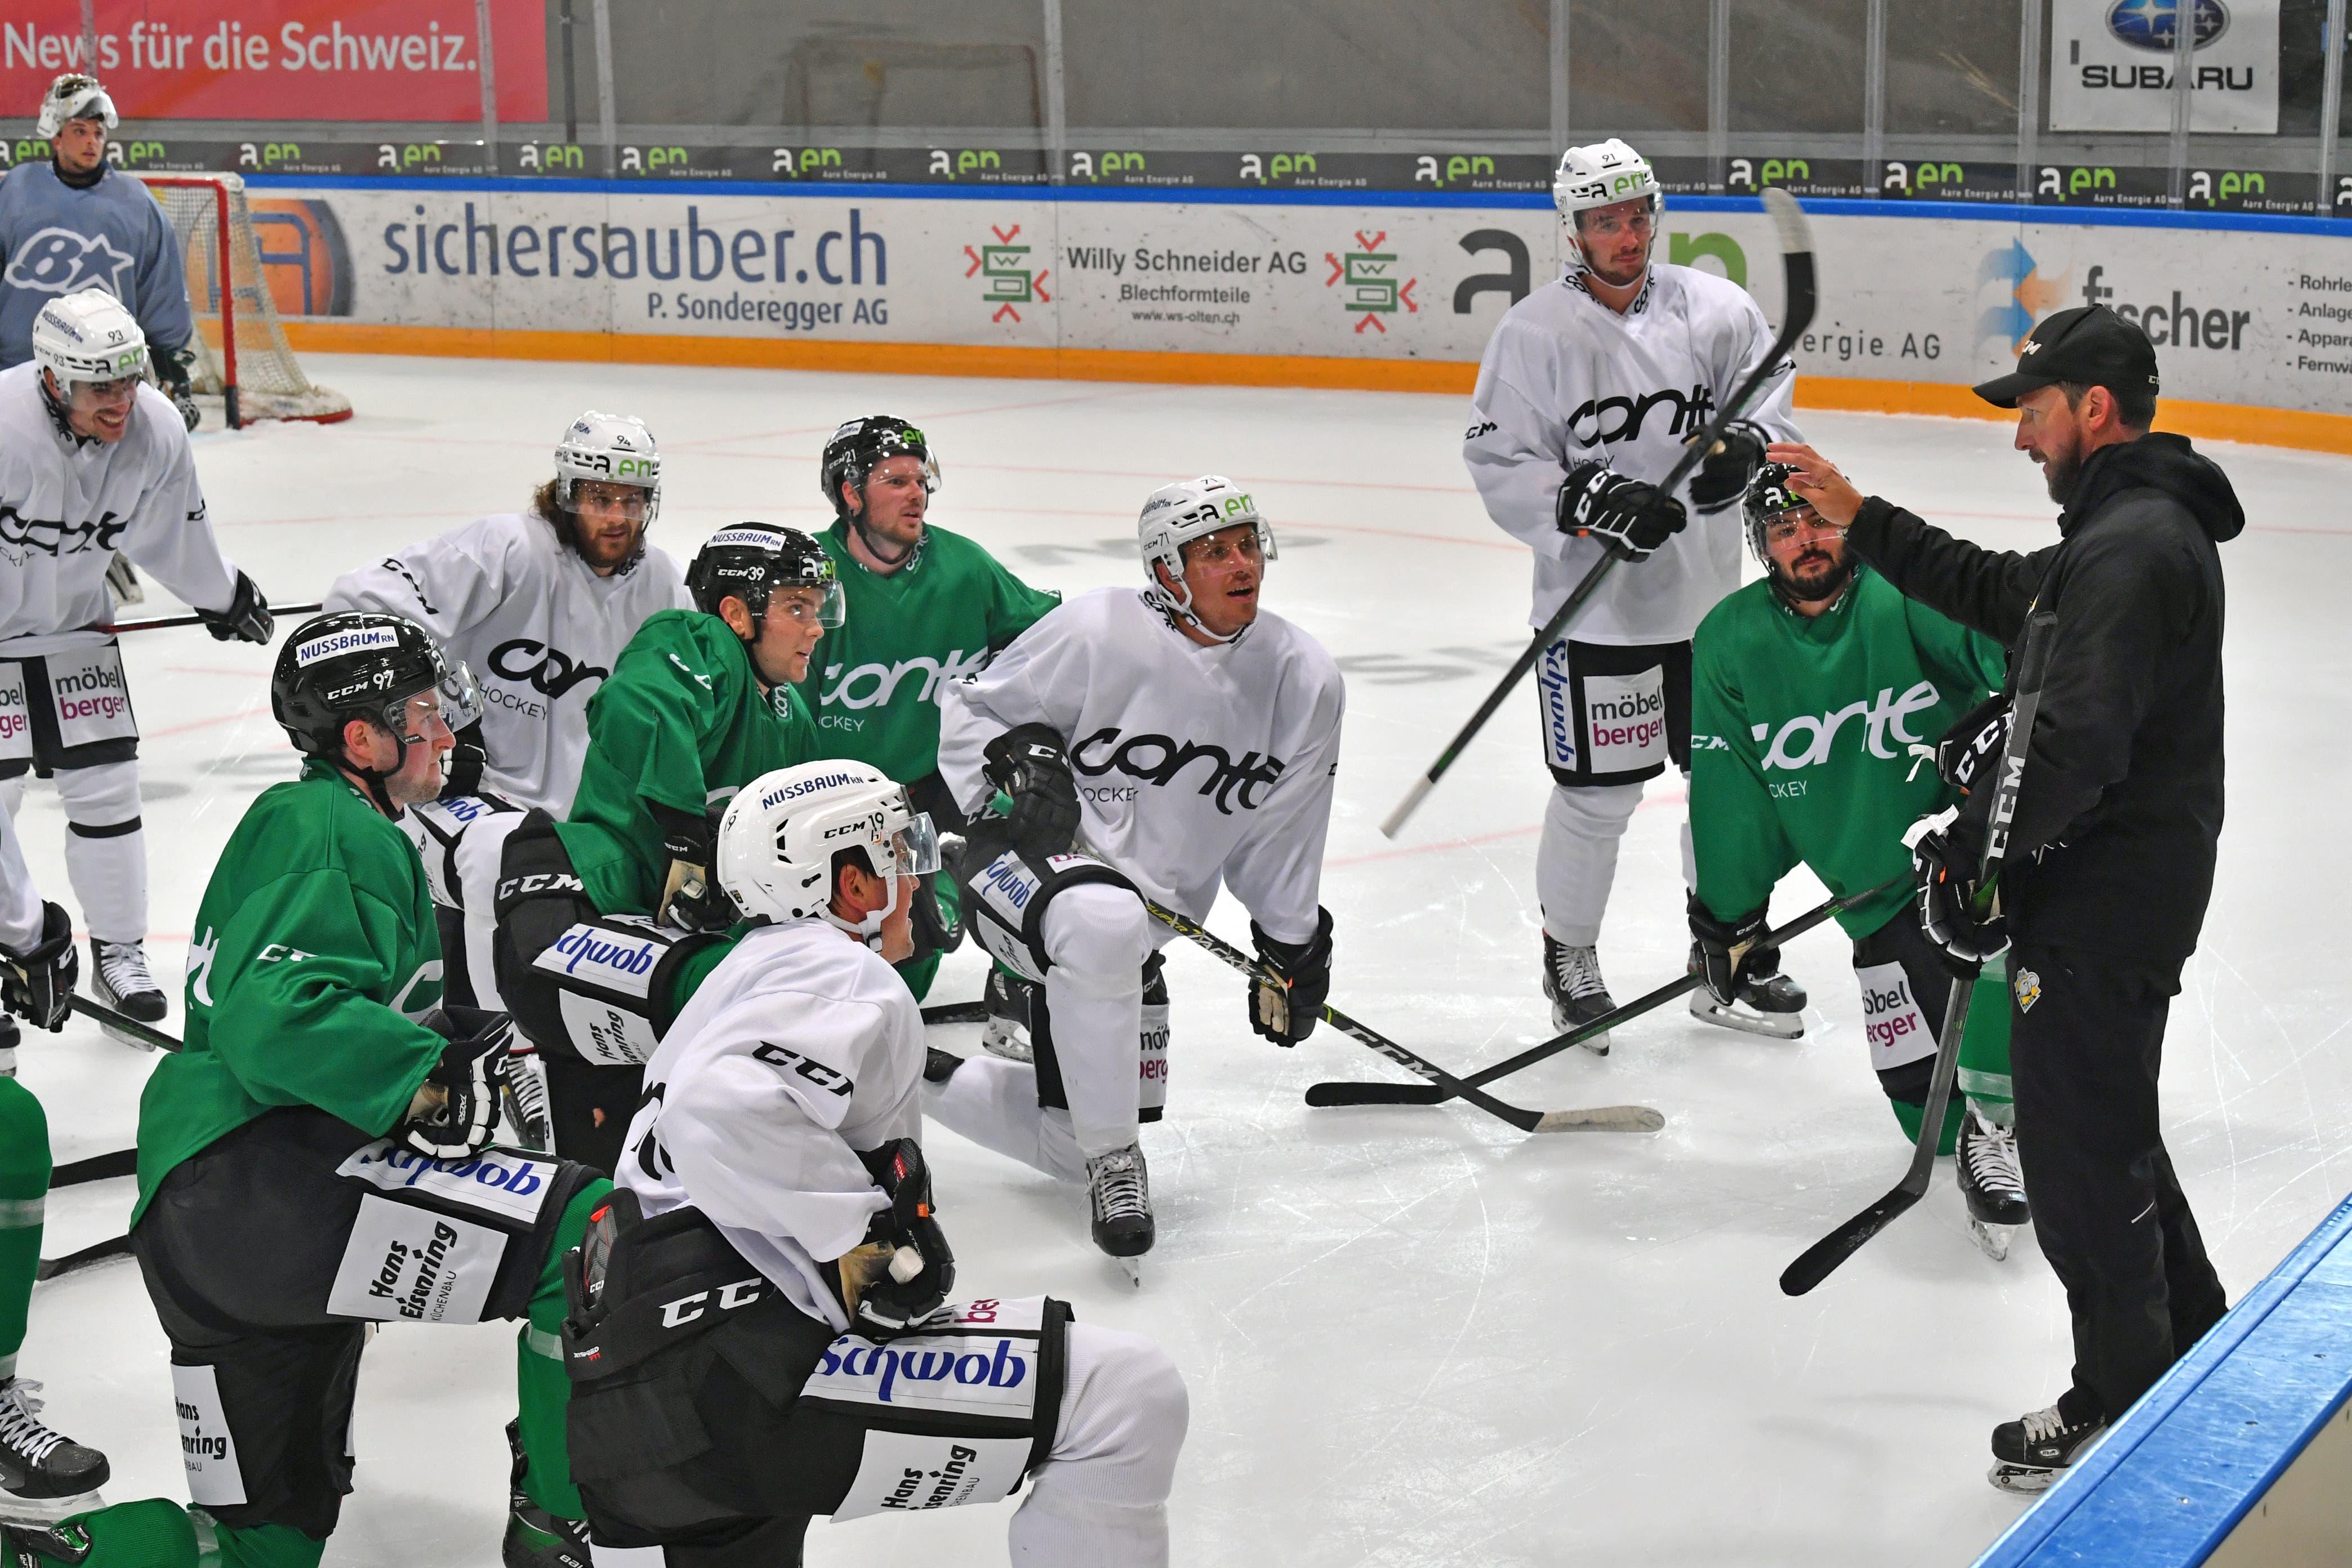 Erstes Eistraining des EHC Olten mit dem neuem Trainer Lars Leuenberger und den neuen Spielern.